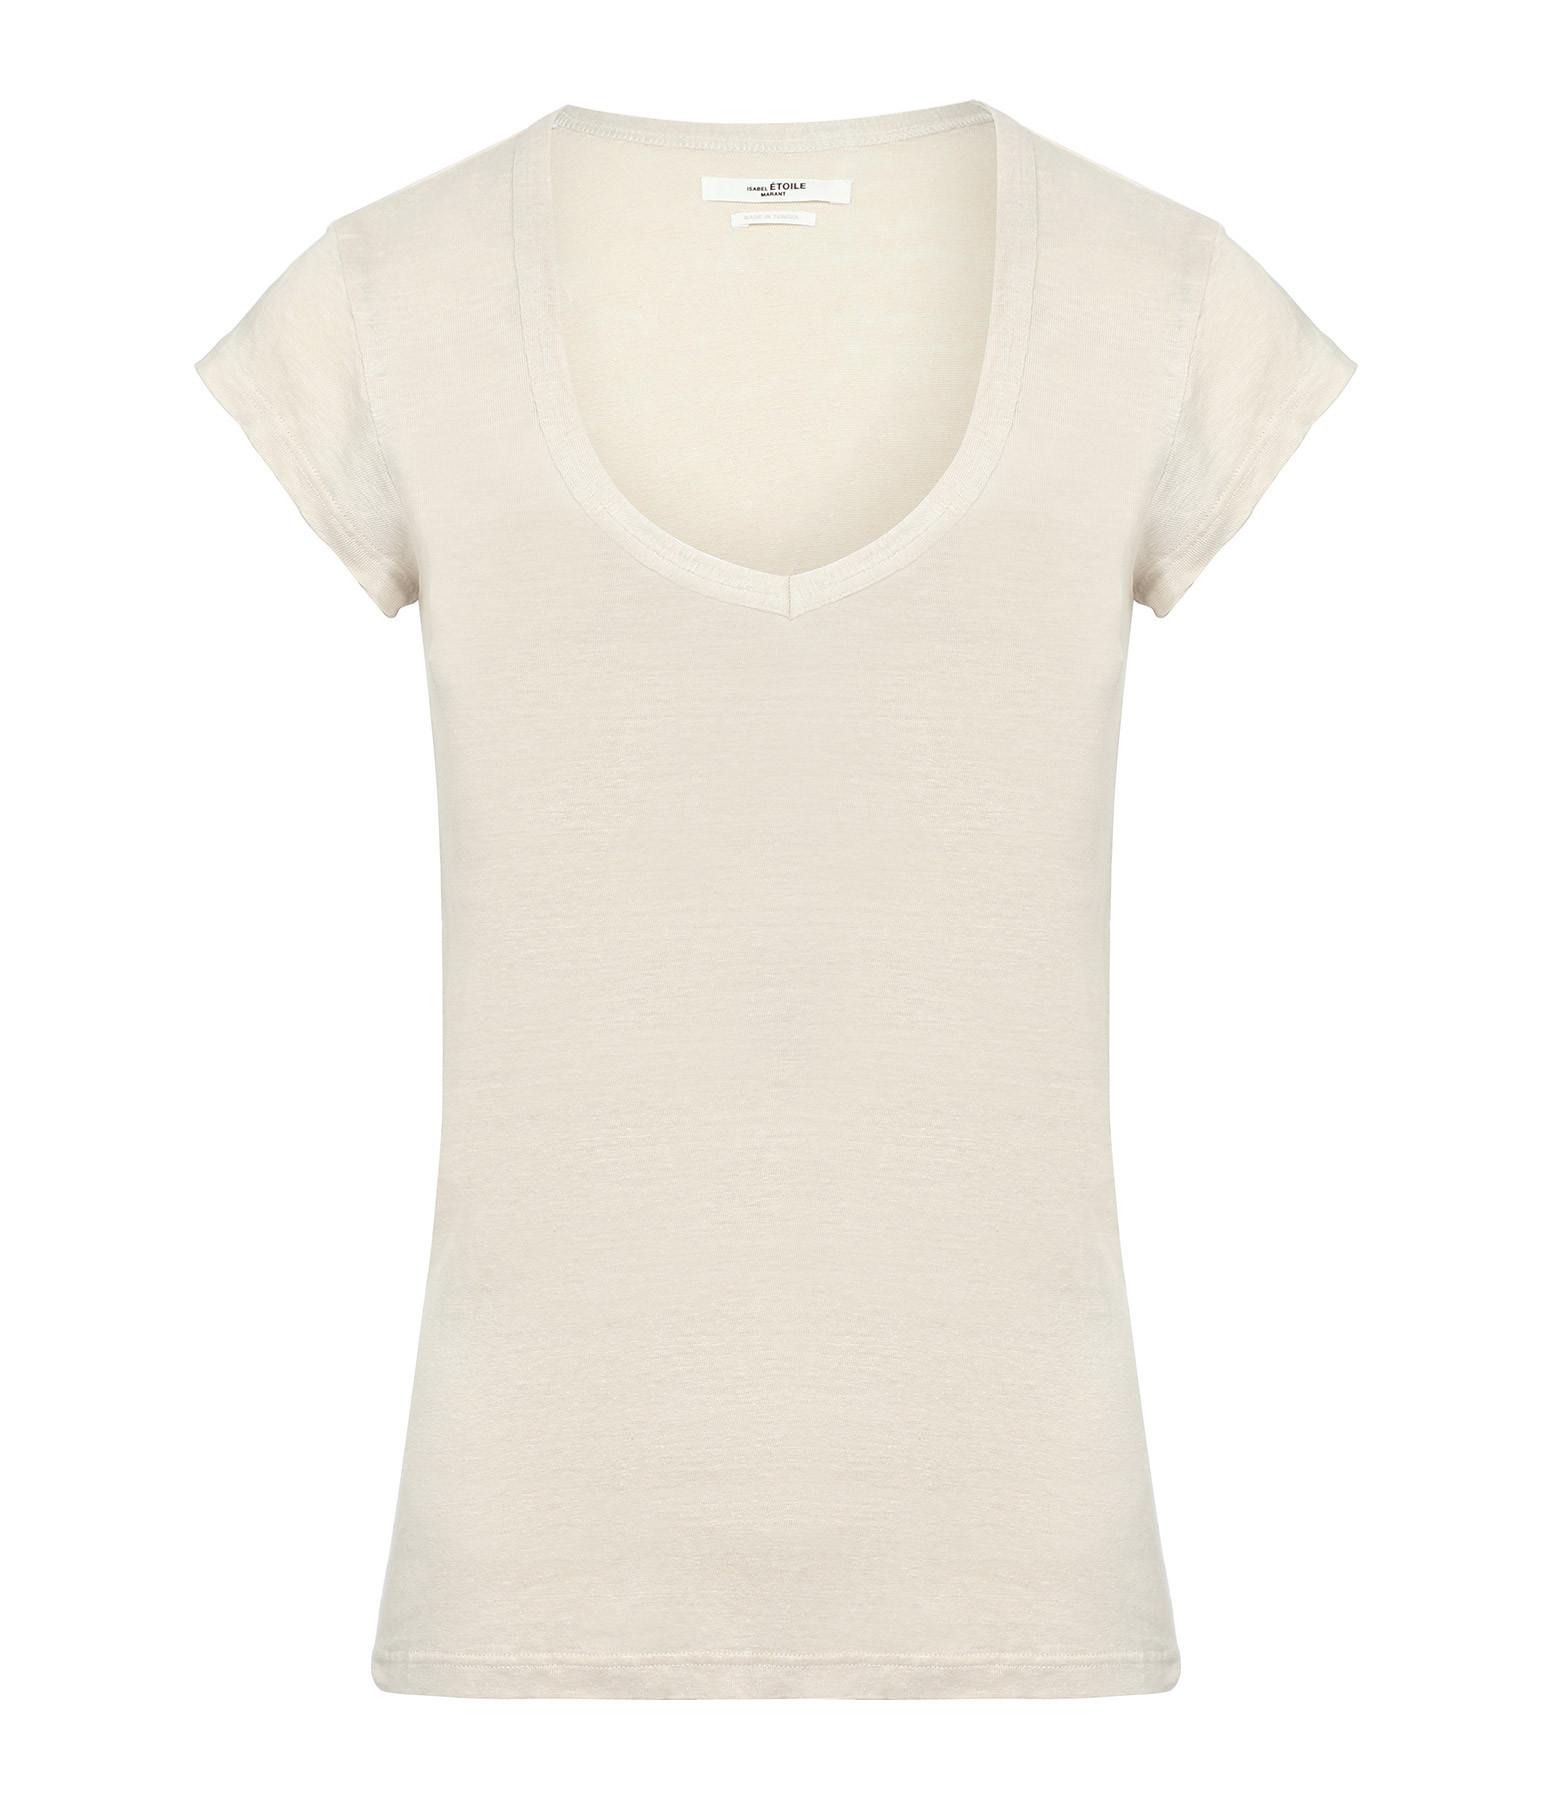 ISABEL MARANT ÉTOILE - Tee-shirt Zankou Lin Écru